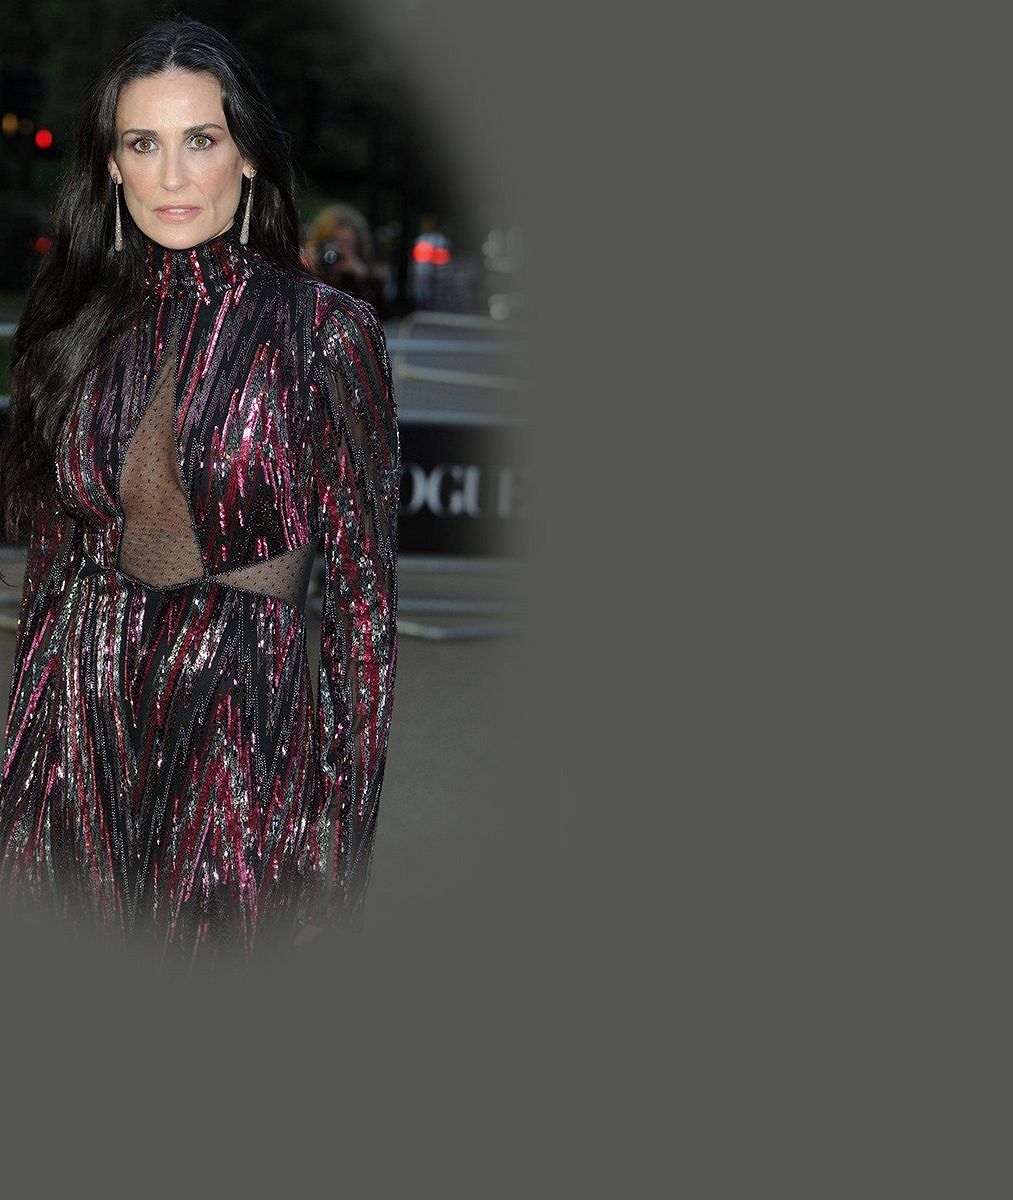 Těžká závislost na drogách aporuchy příjmu potravy: Herečka Demi Moore (56) prozrazuje šokující informace ze své minulosti